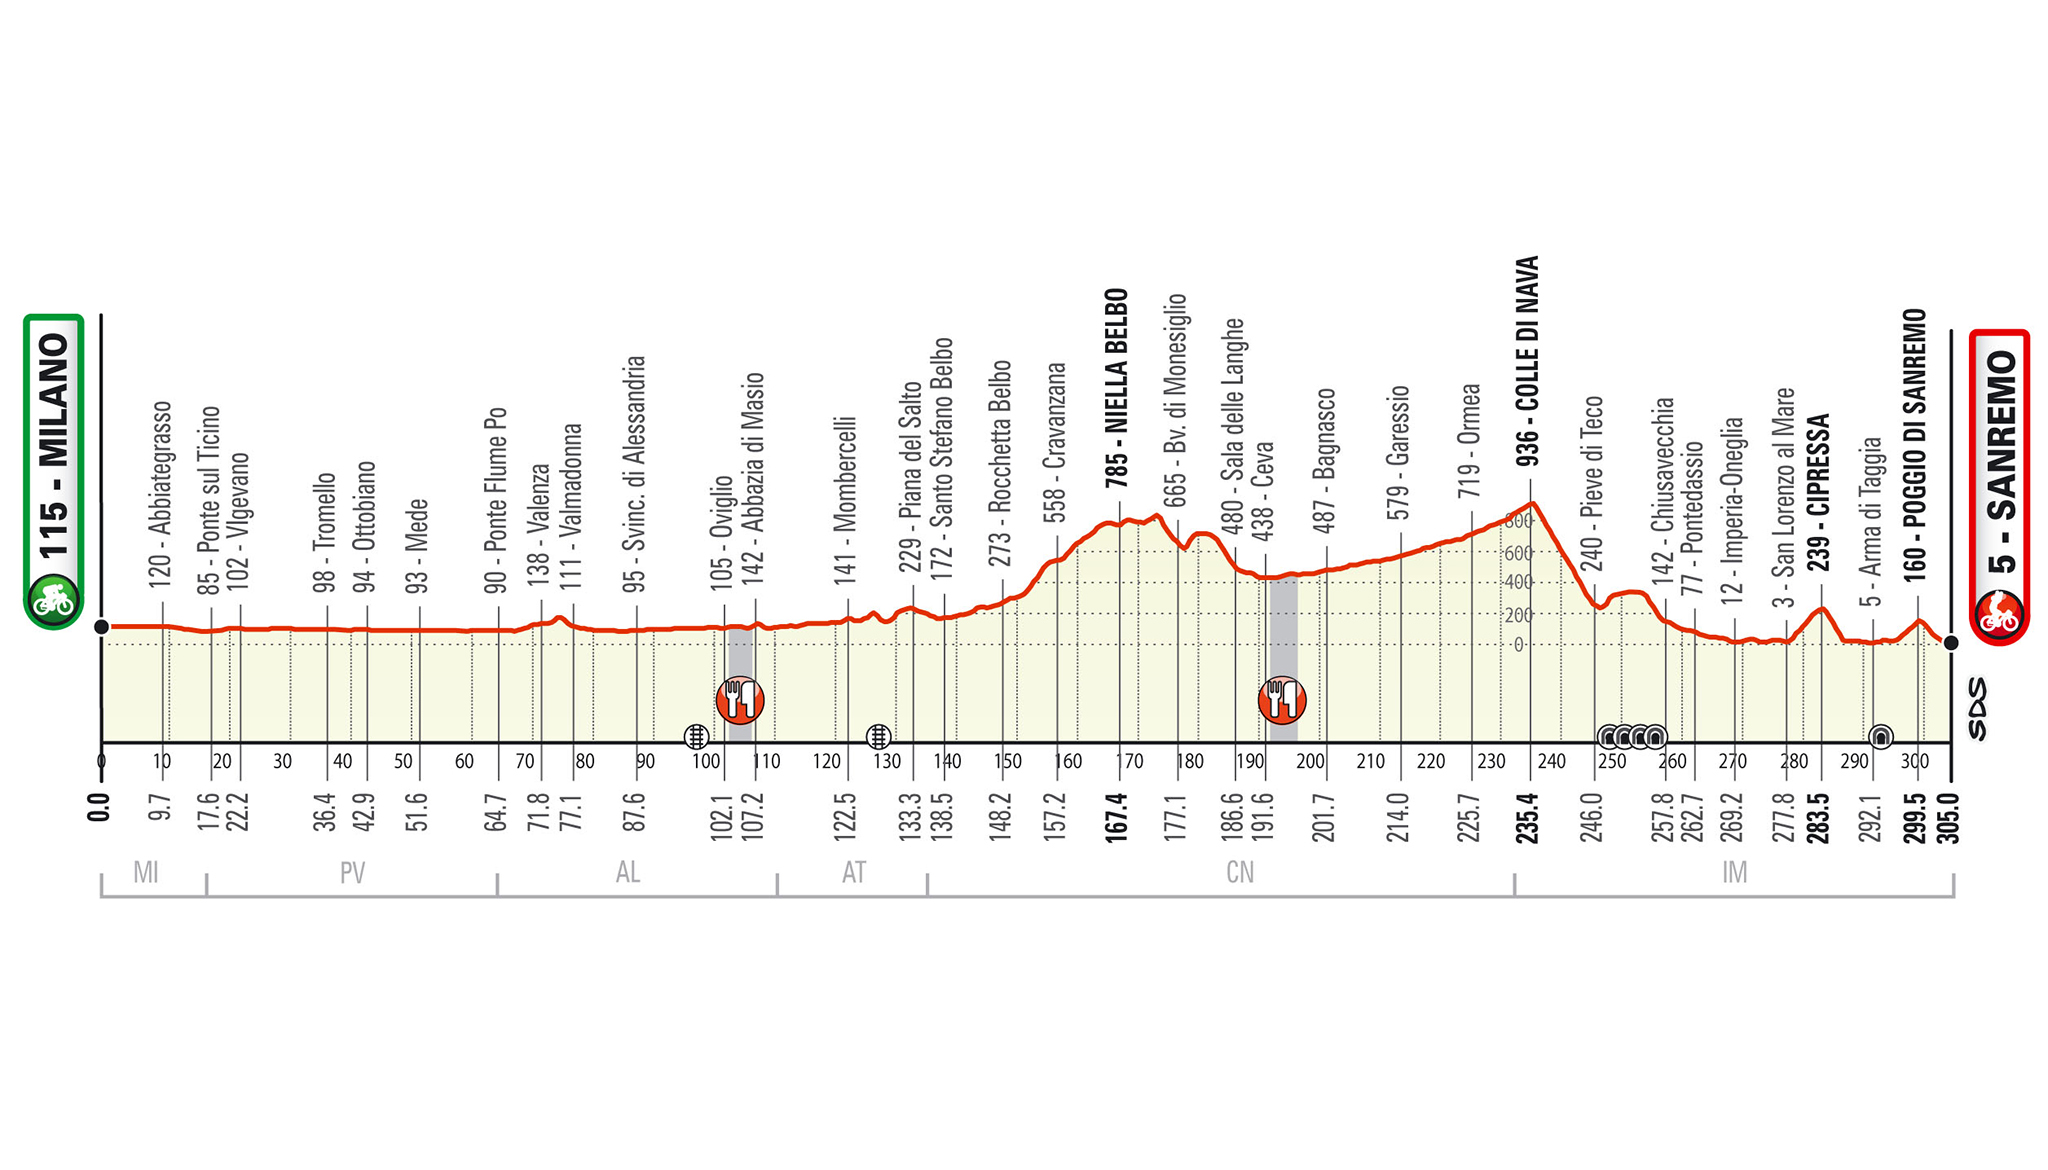 Profil de Milan-San Remo 2020